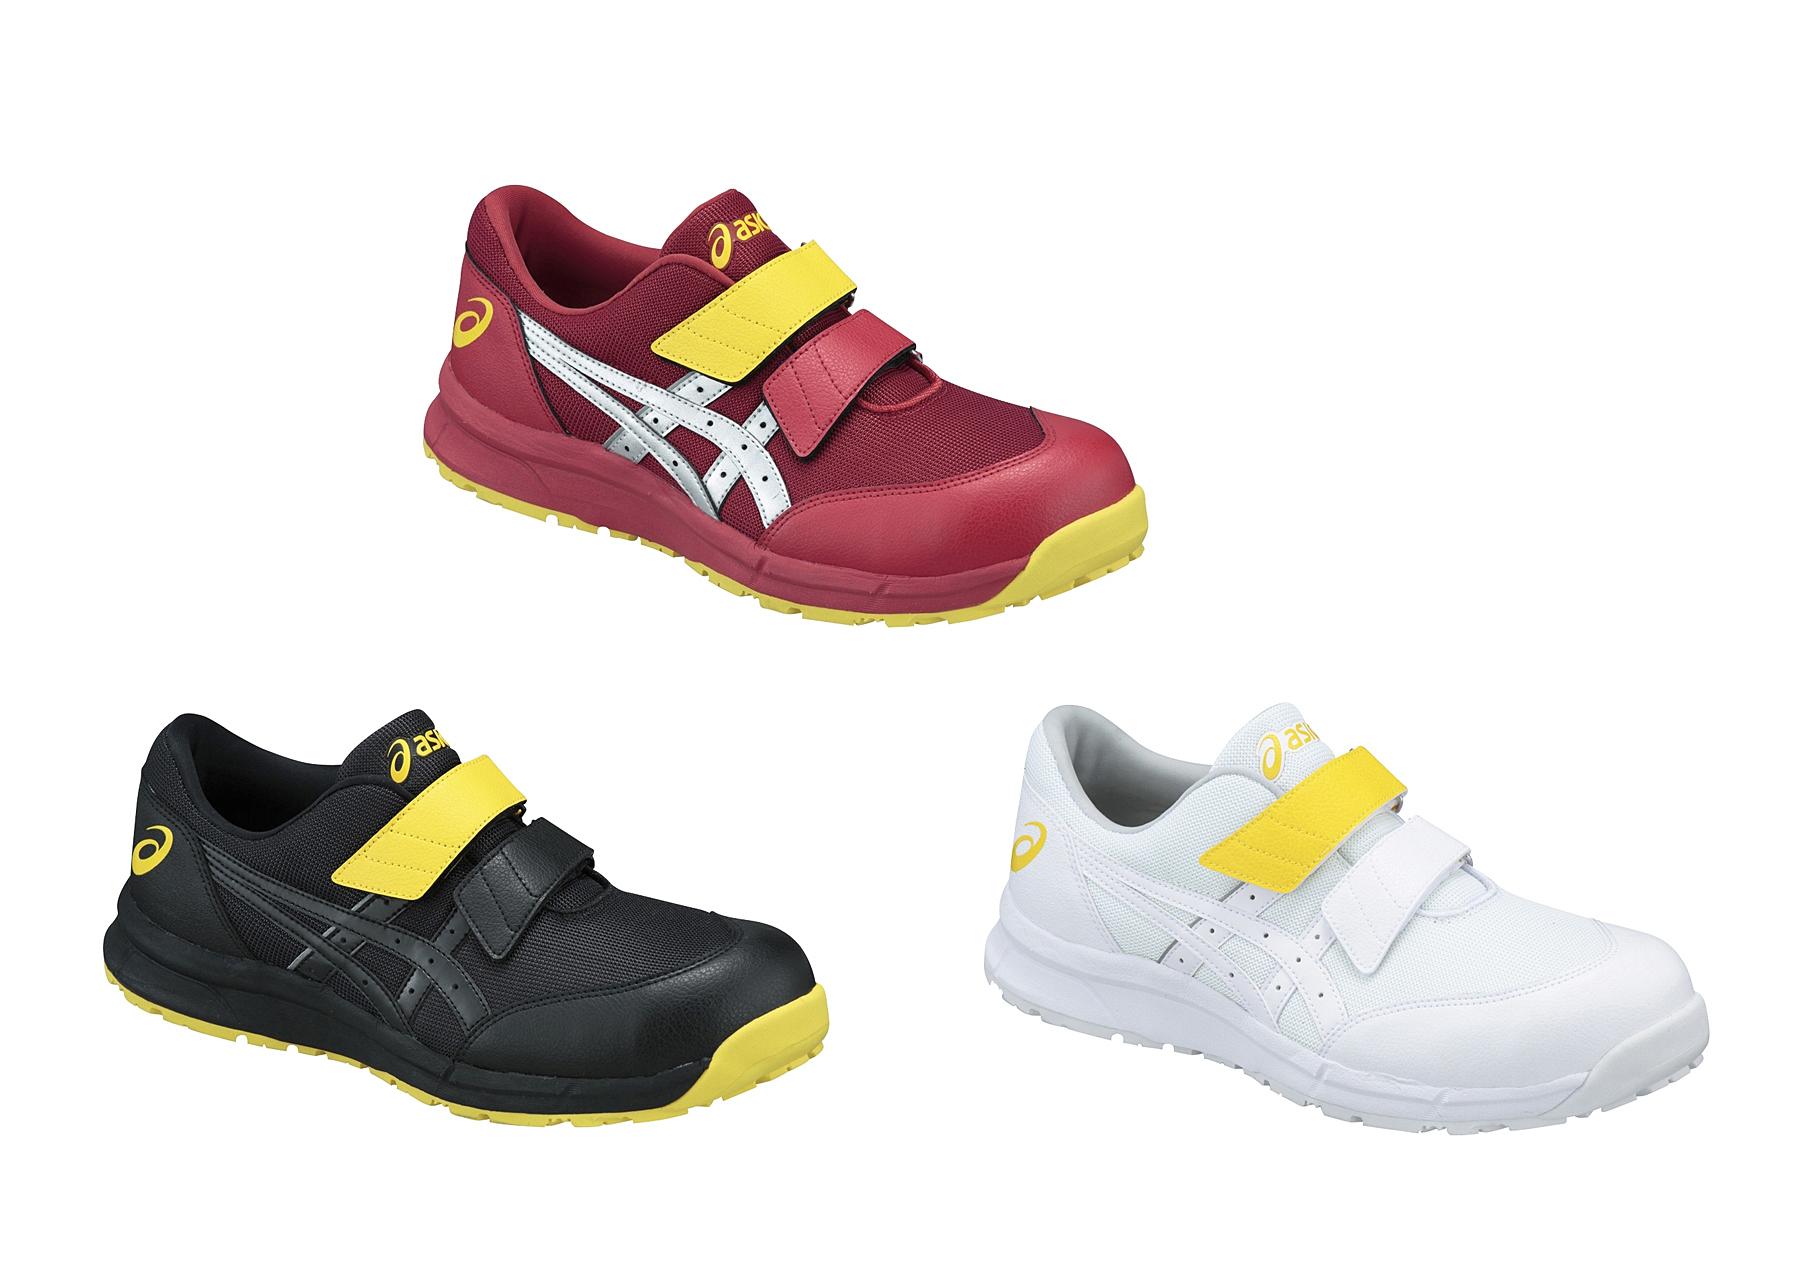 アシックス スポーティなデザインを取り入れた人気の作業用靴シリーズから 静電気帯電防止機能を備えた新作を発売 asics